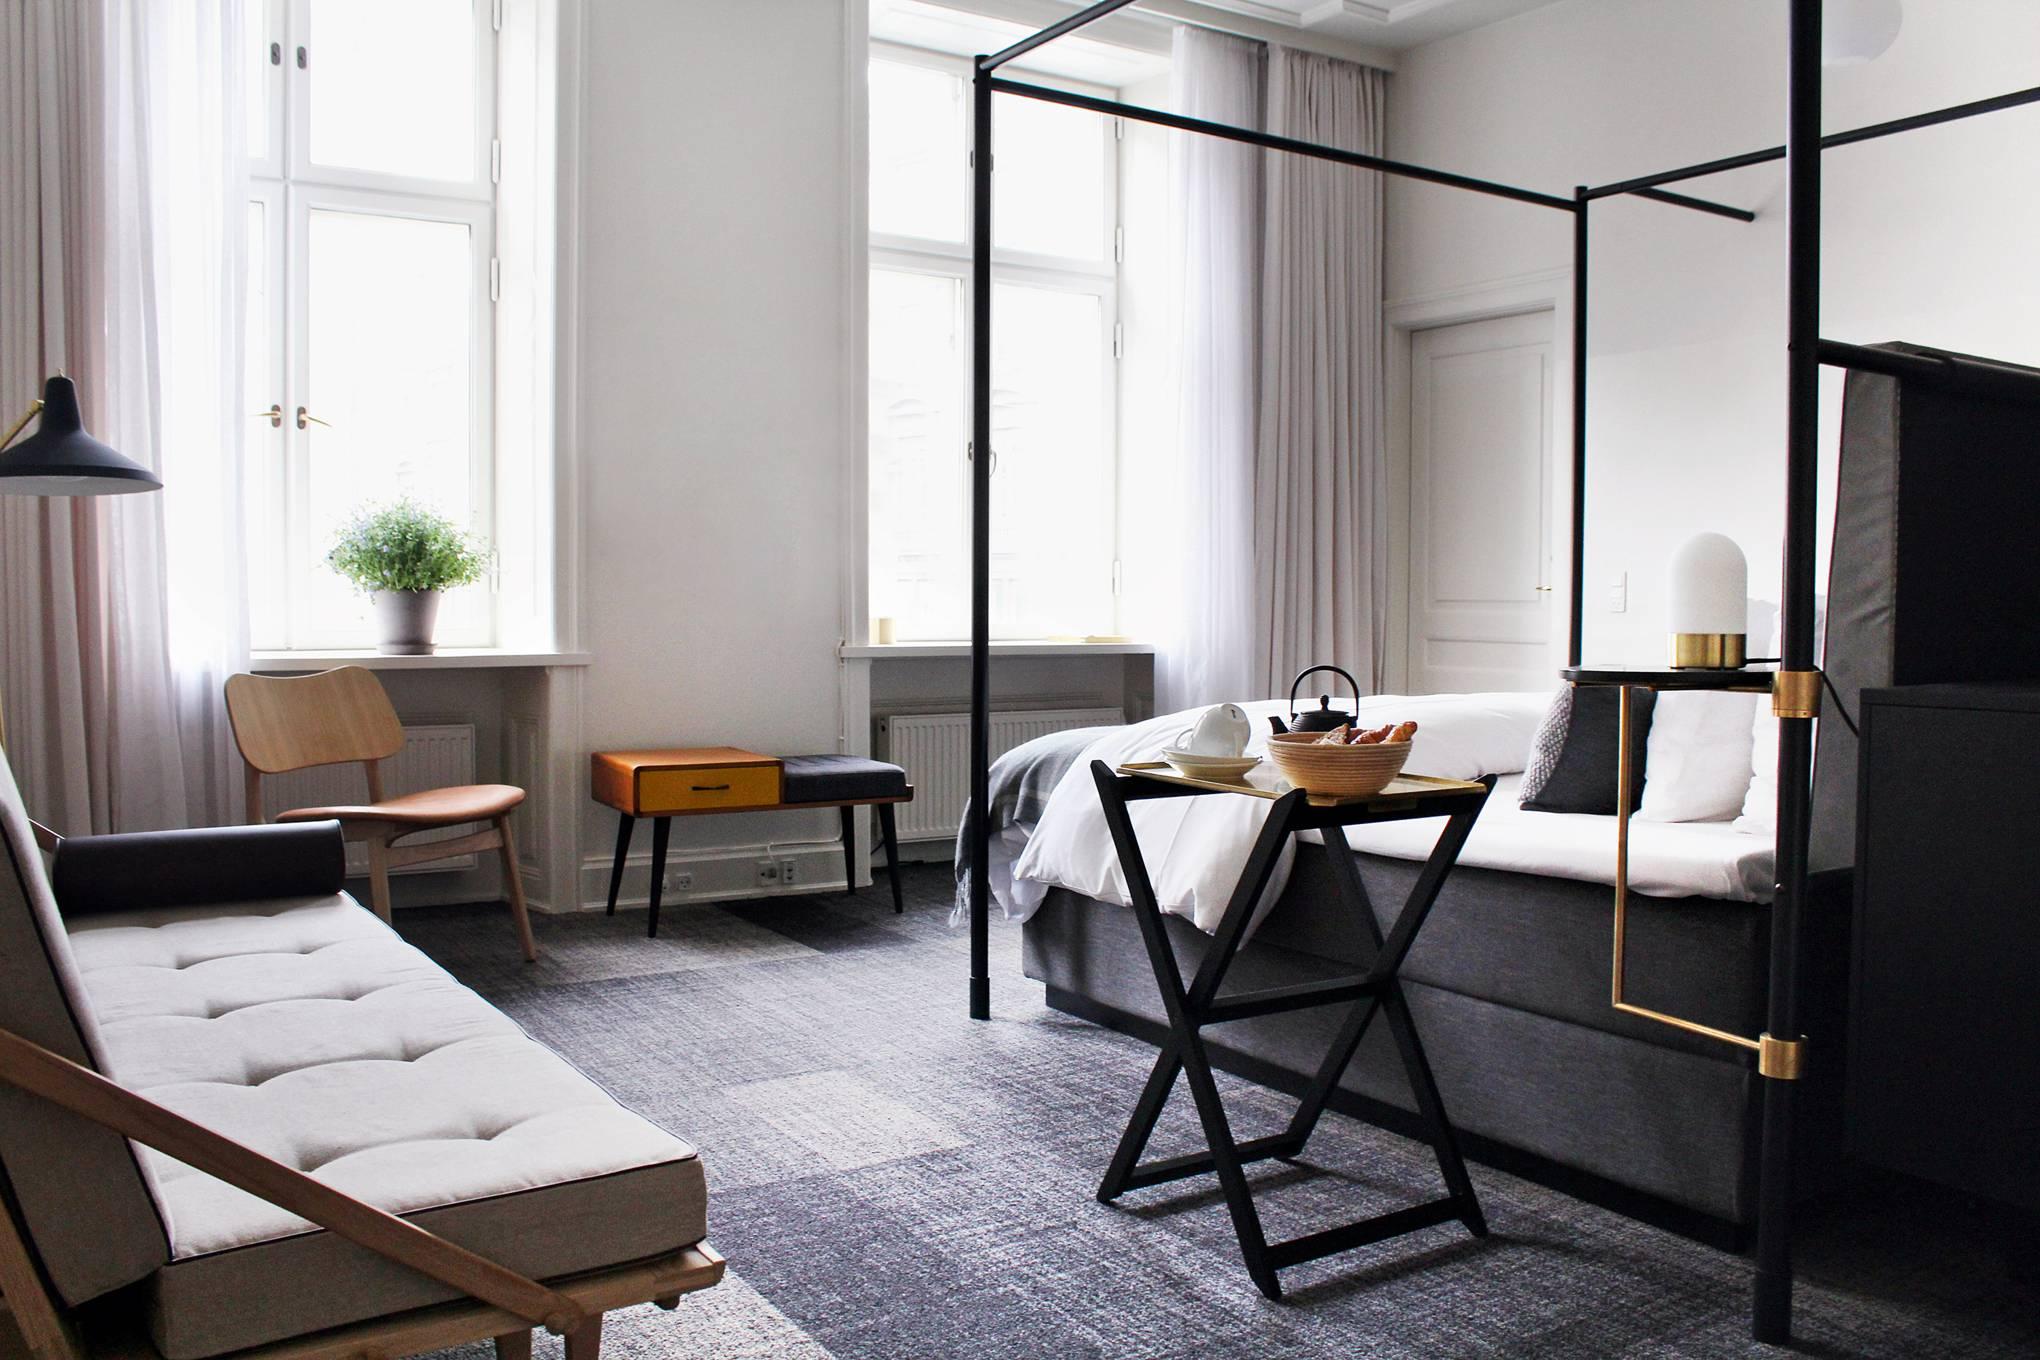 Hotel Stay Kopenhagen : A stay at the absalon a boutique hotel in copenhagen ladies